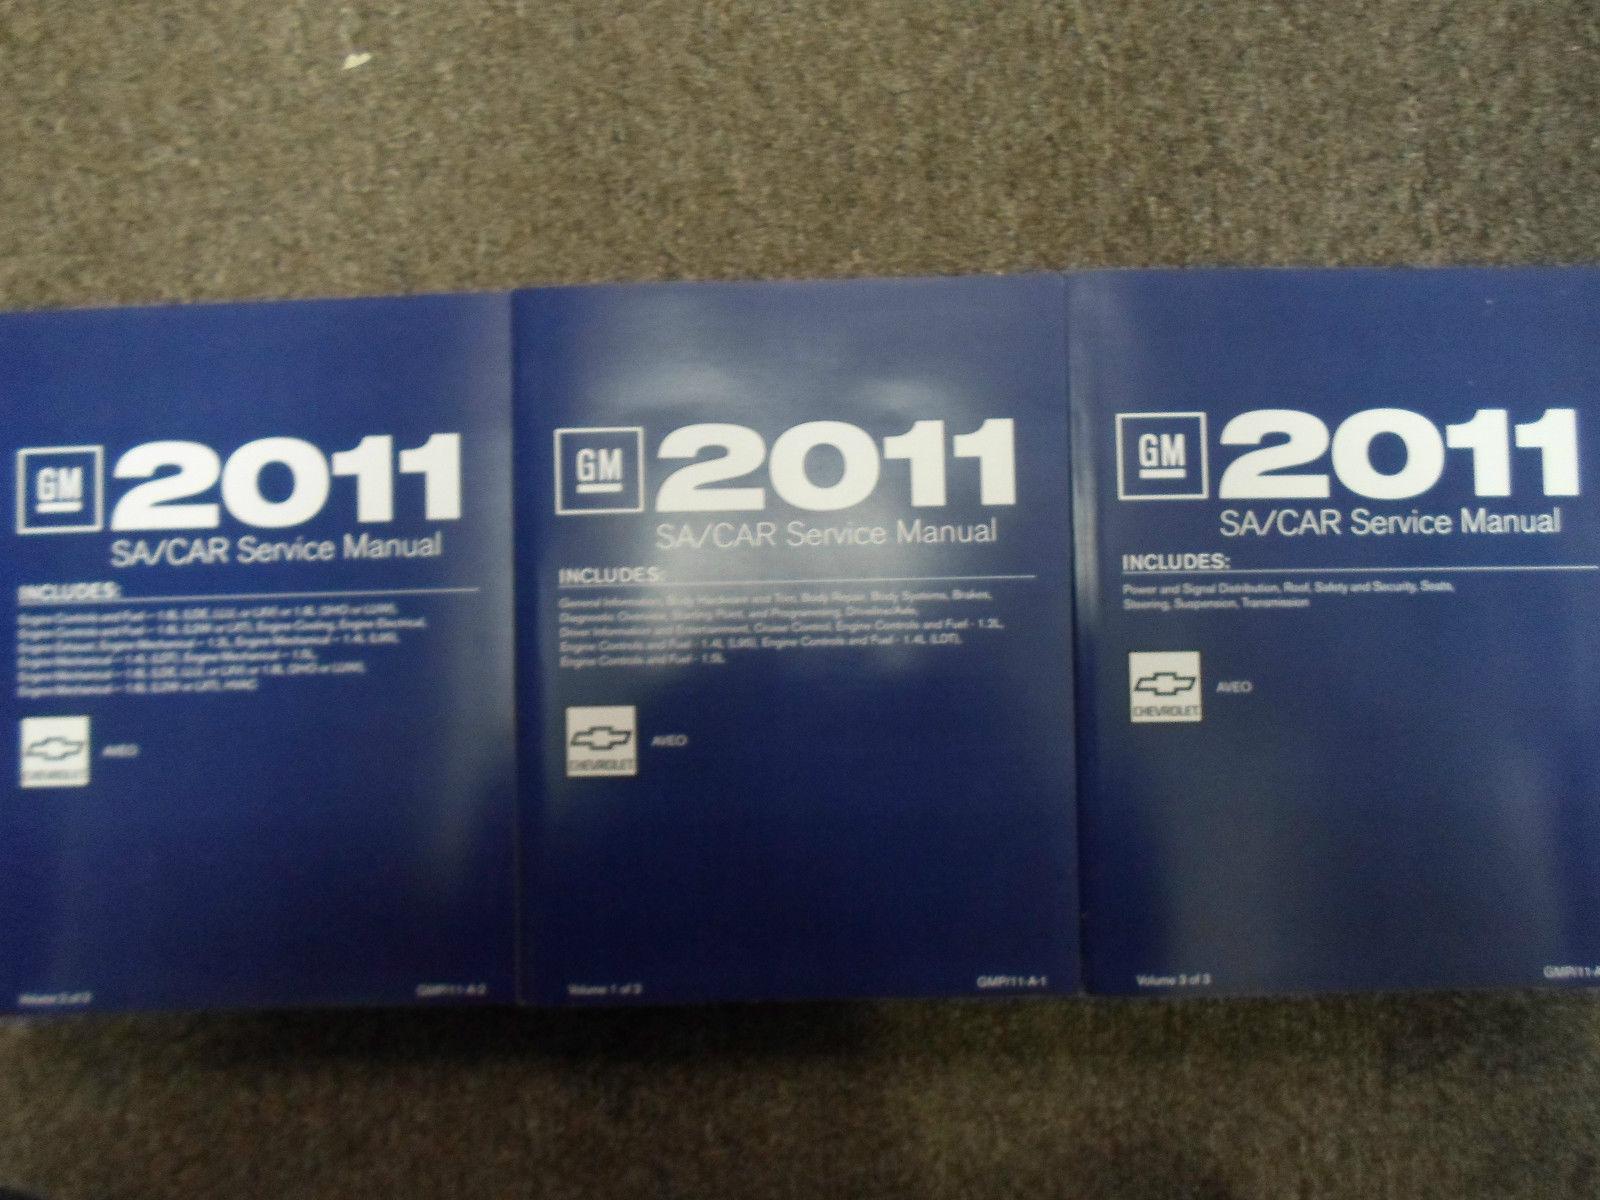 2011 CHEVY AVEO A V E O Service Shop Repair Manual SET FACTORY Brand New